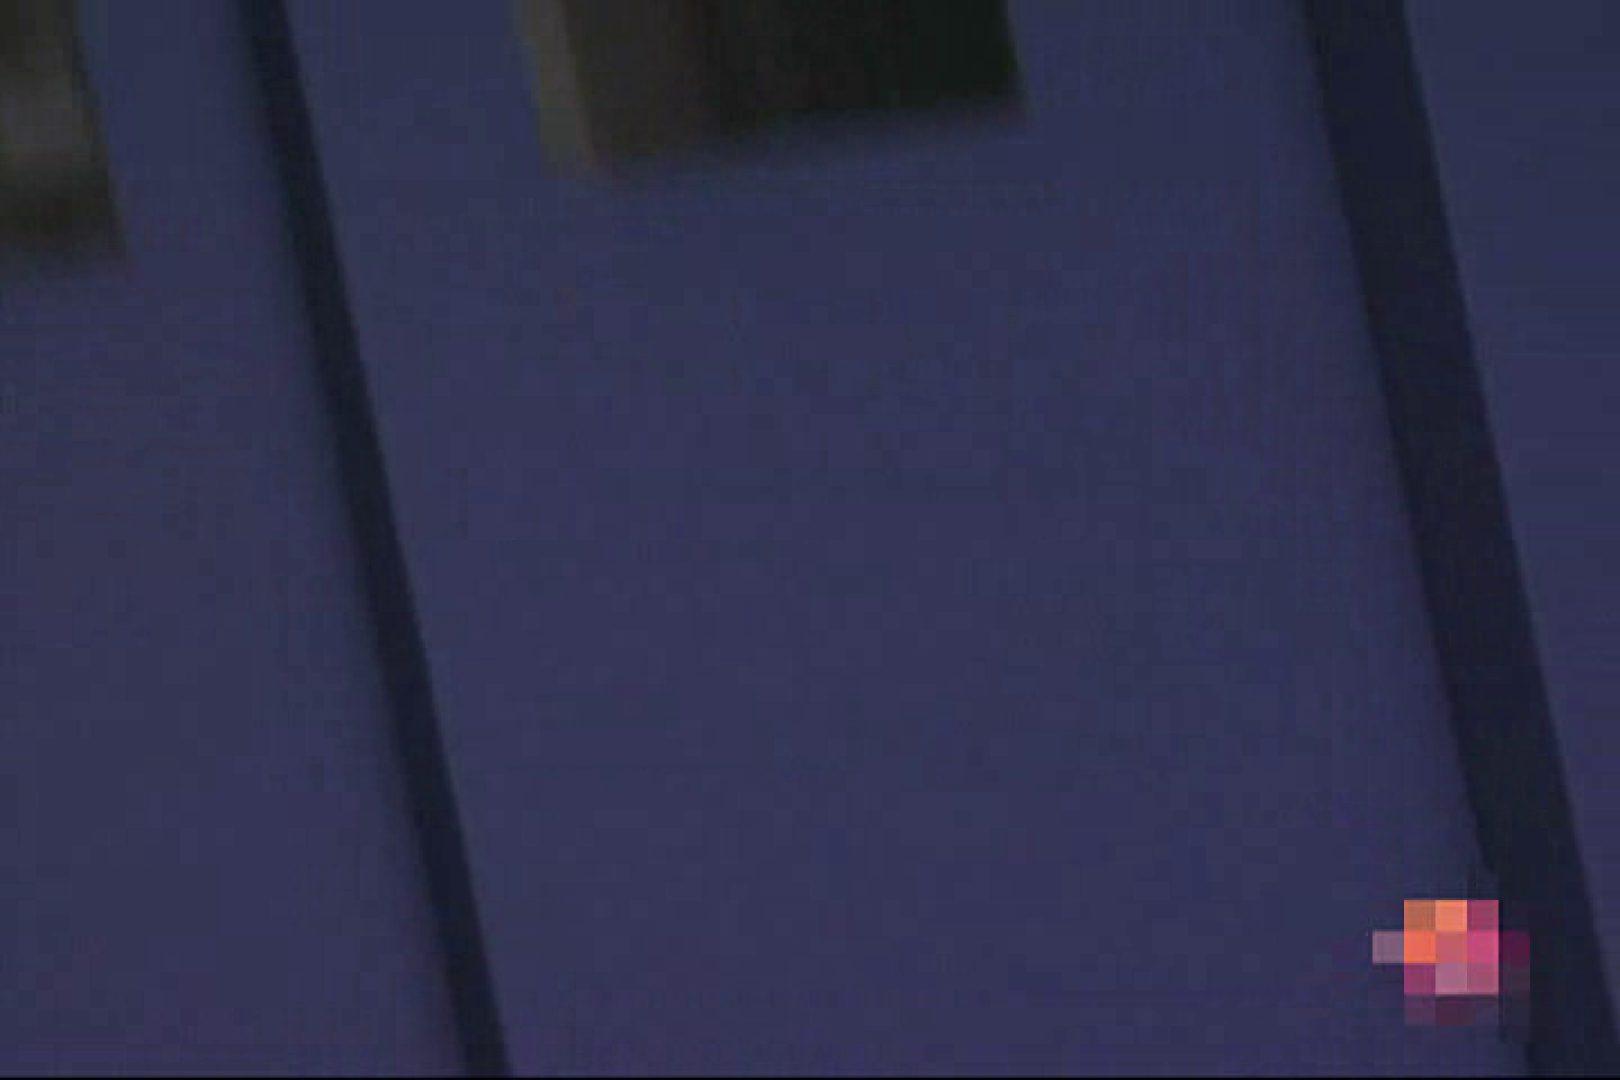 検証!隠し撮りスカートめくり!!Vol.5 OLの実態  101pic 82